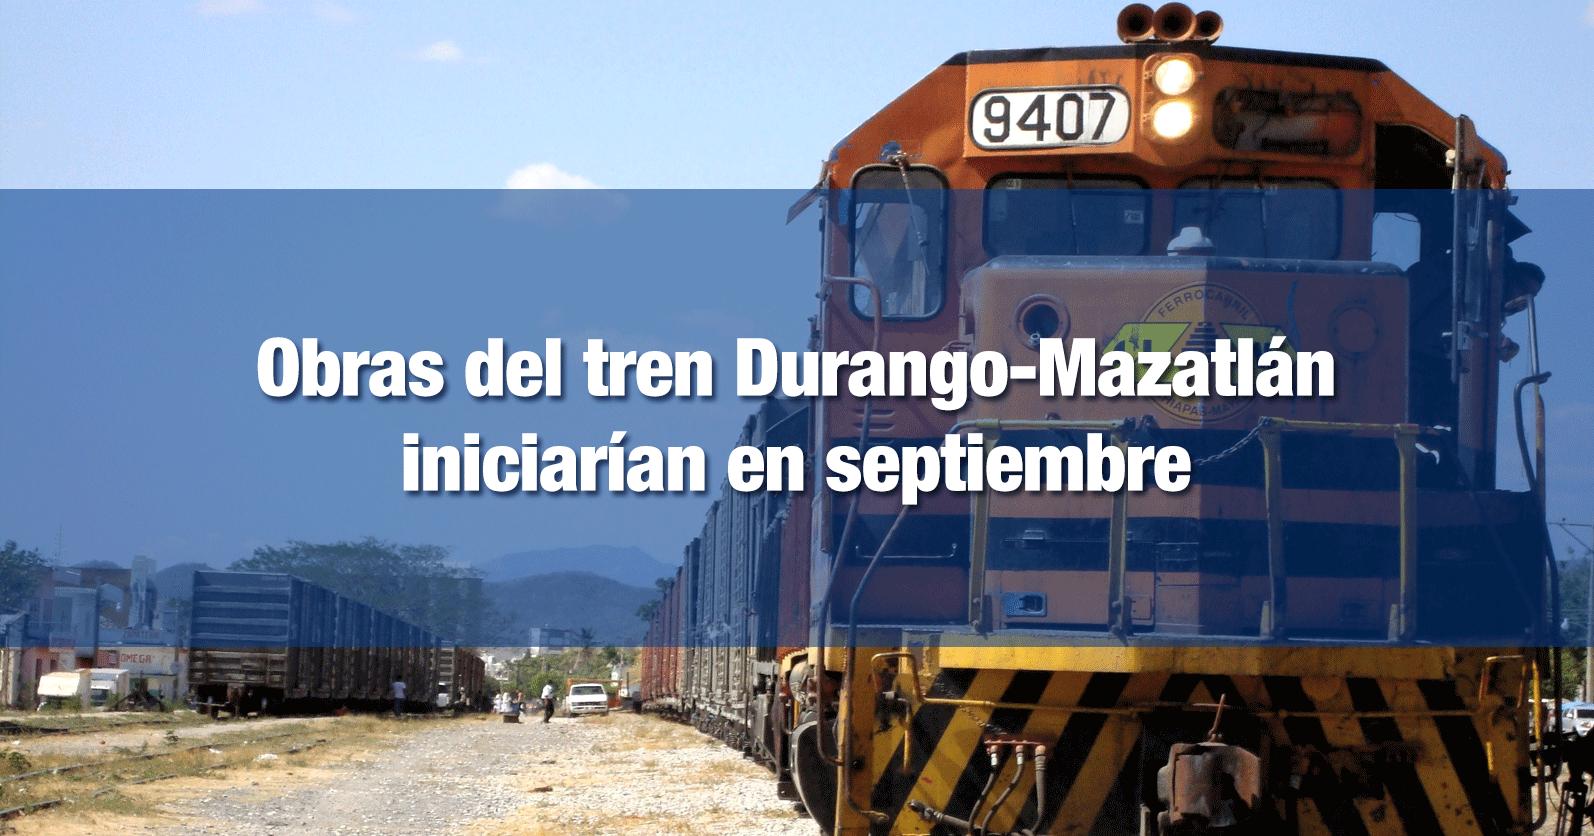 Obras del tren Durango-Mazatlán iniciarían en septiembre